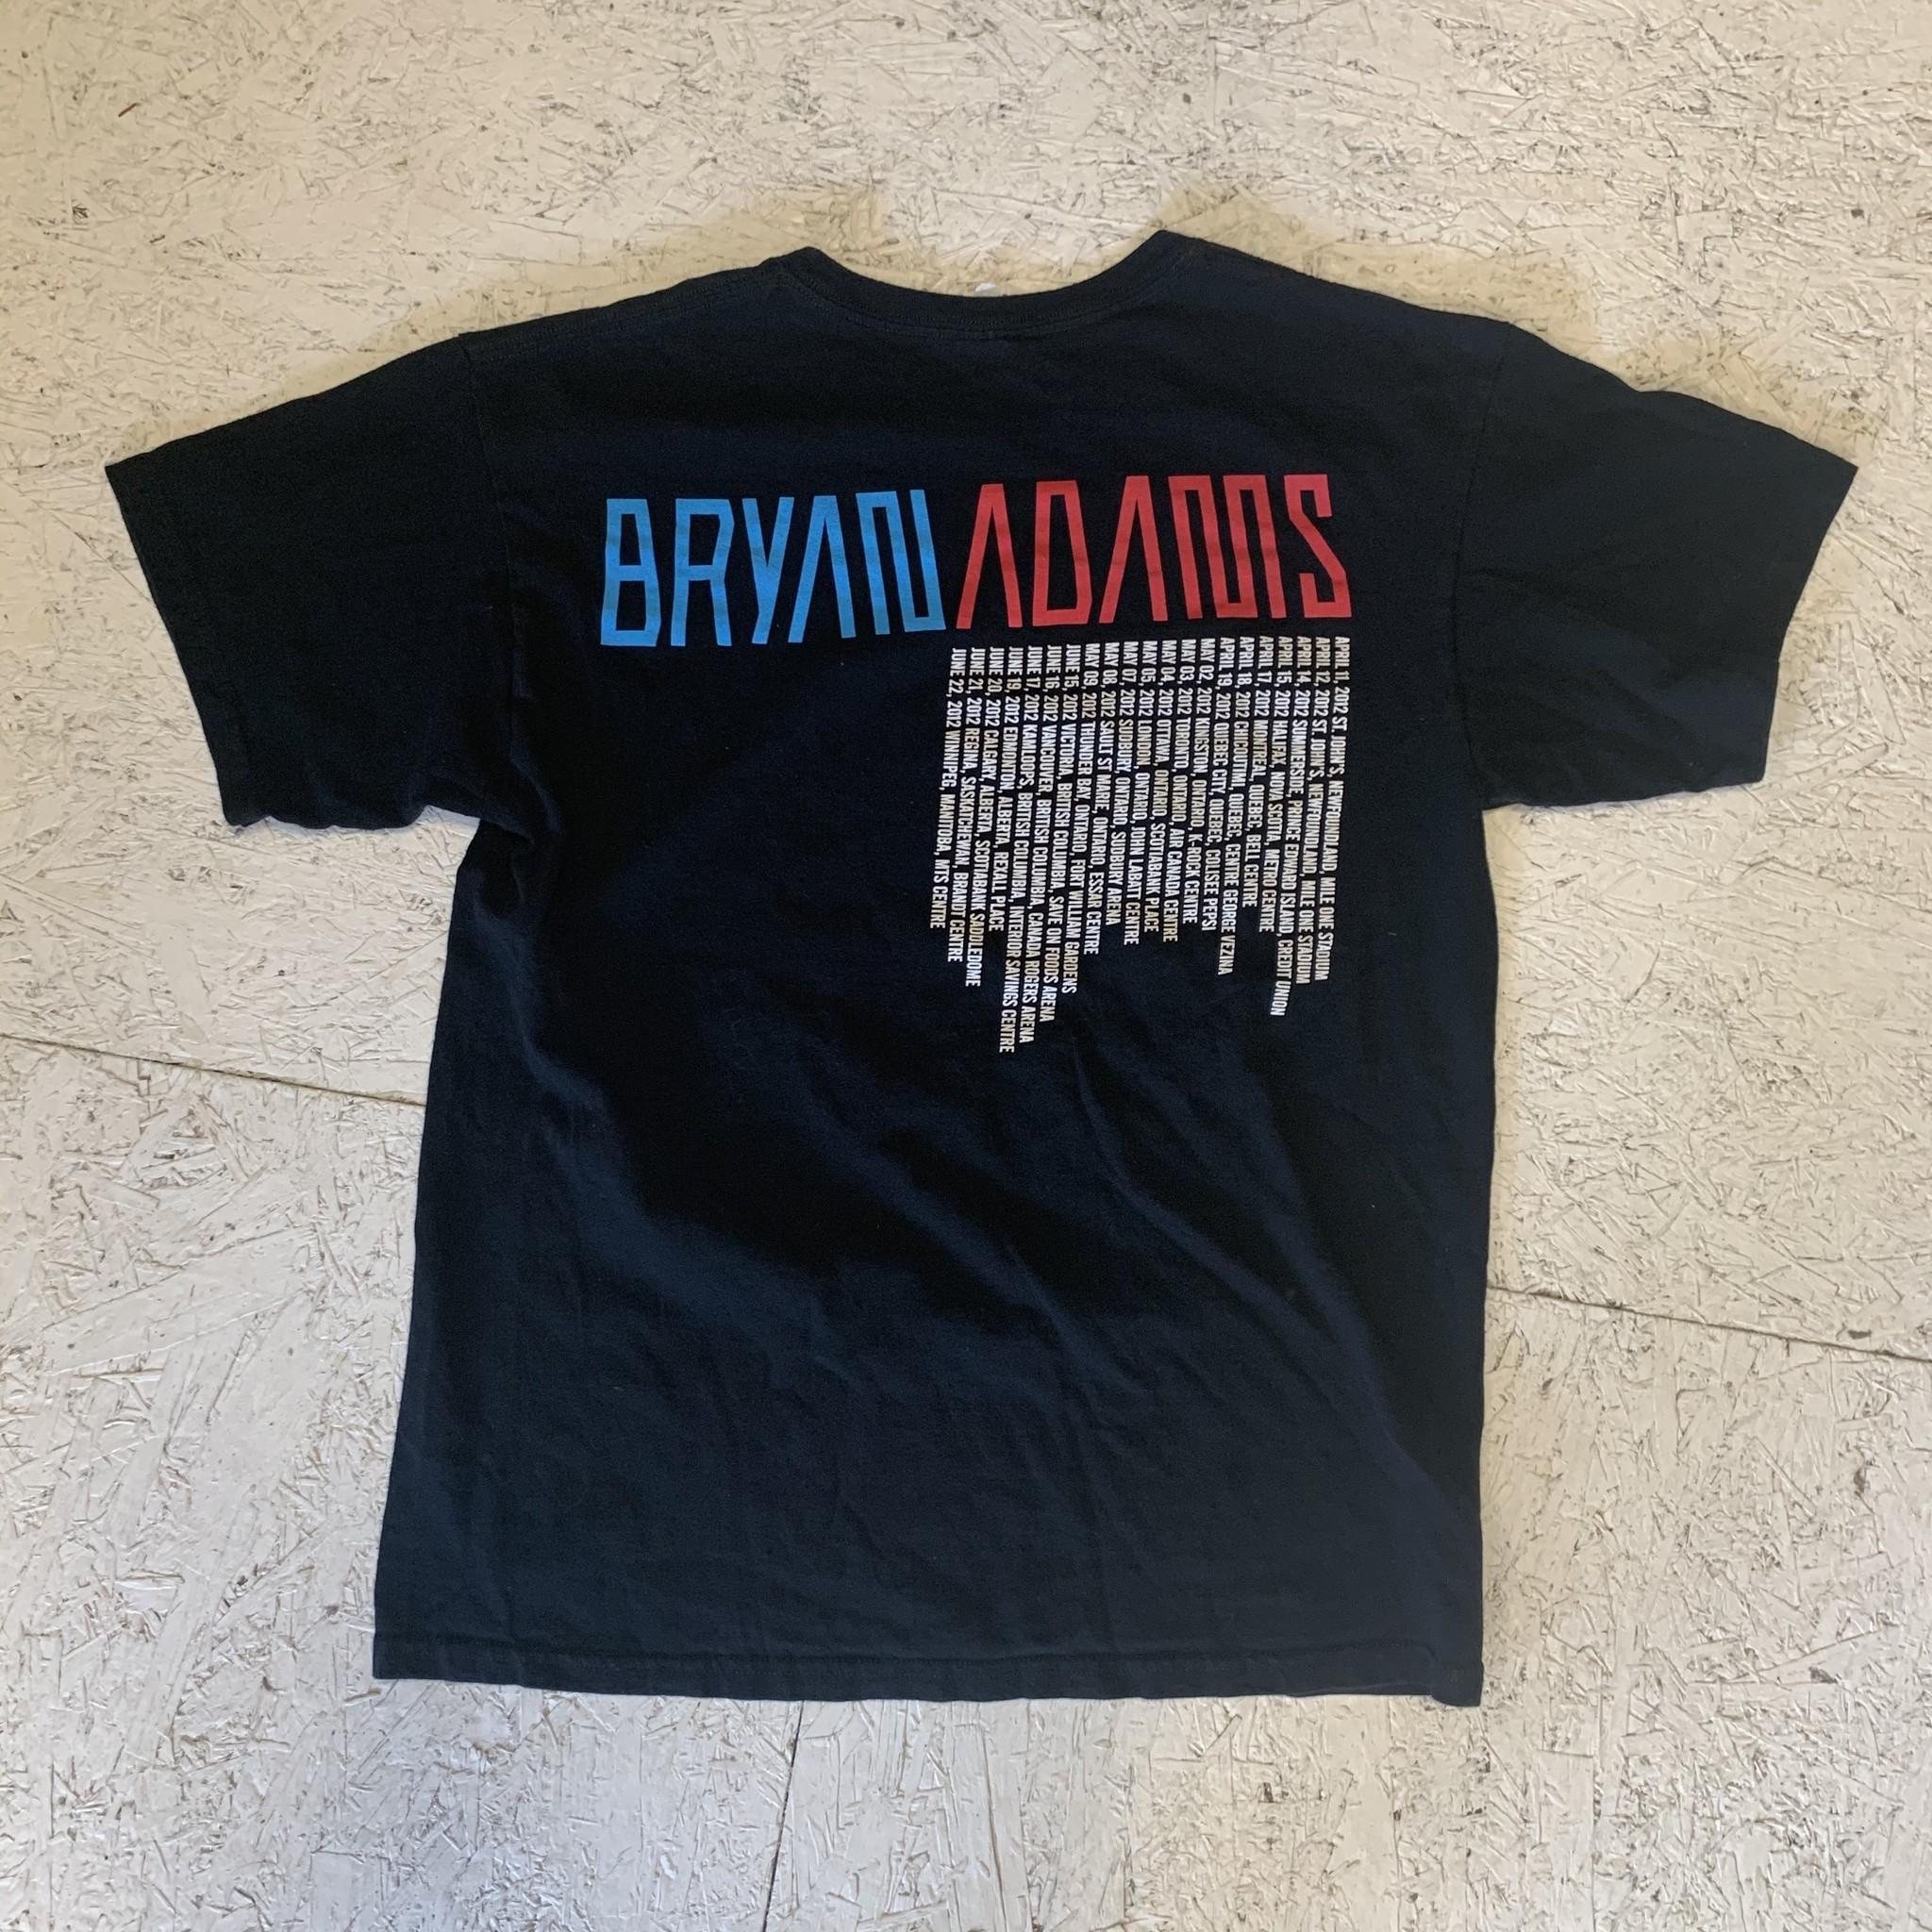 Vintage Vintage Tee - Bryan Adams Tour